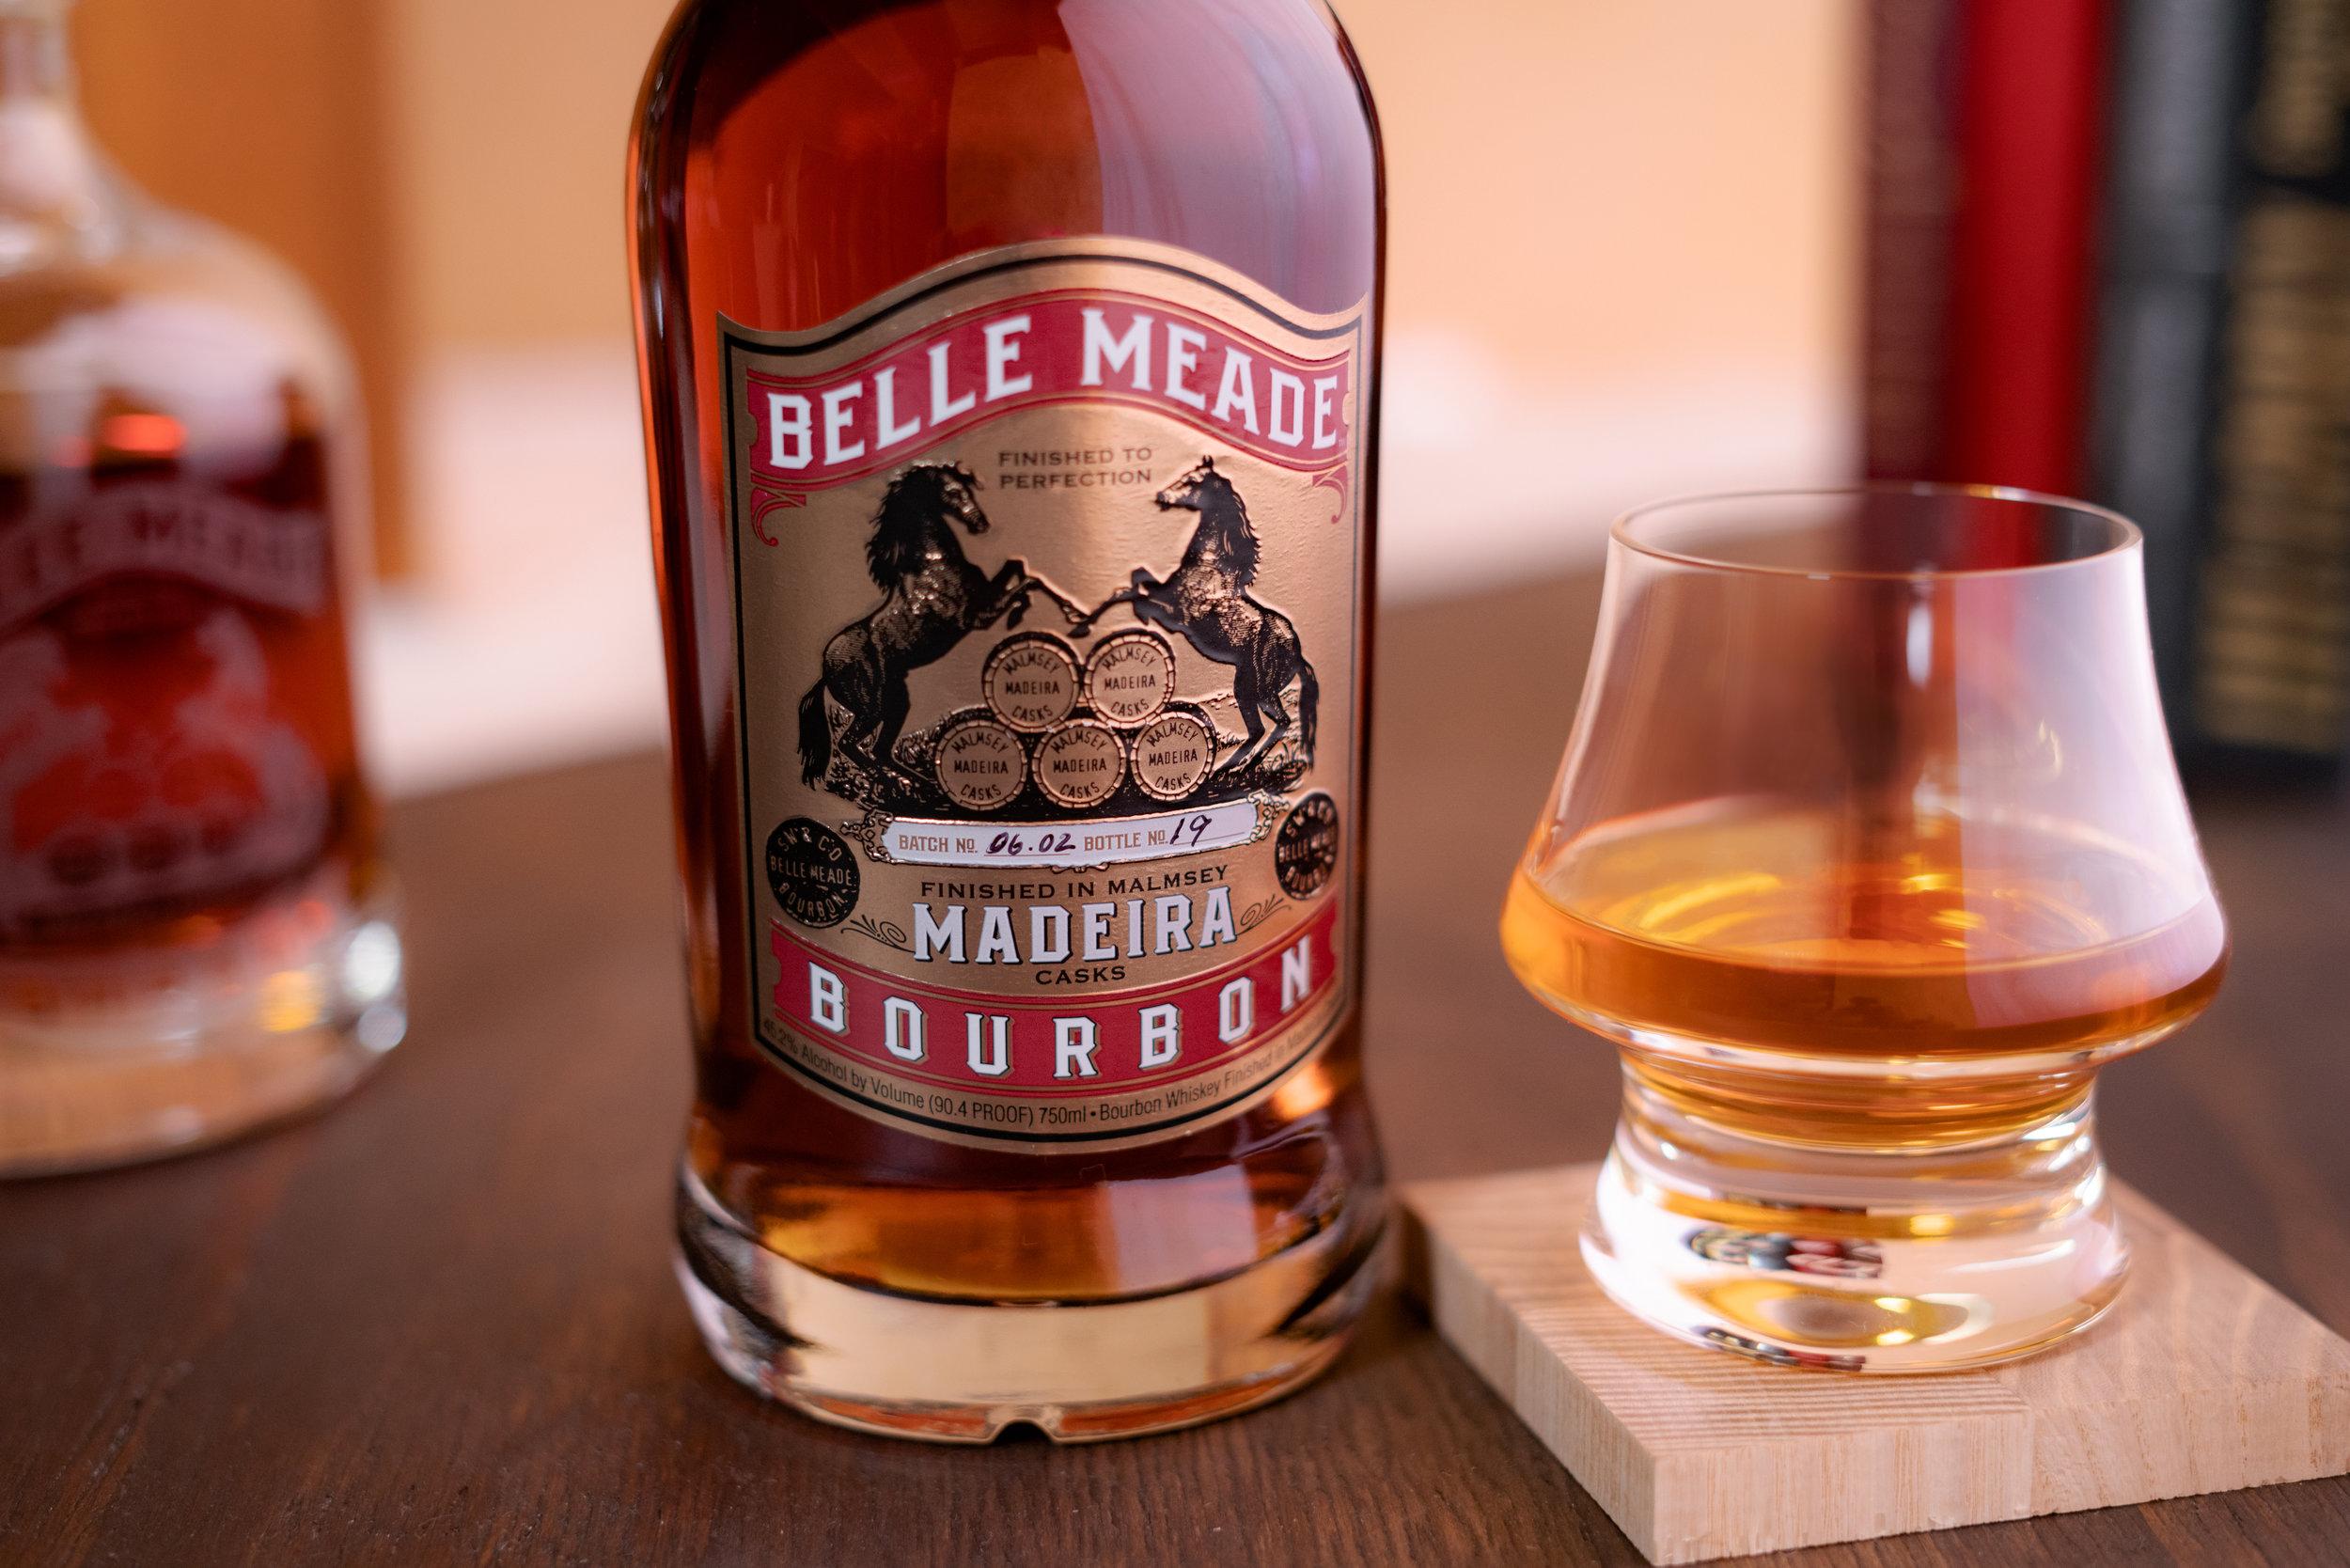 Award-winning Belle Meade Bourbon Madeira Cask Finish